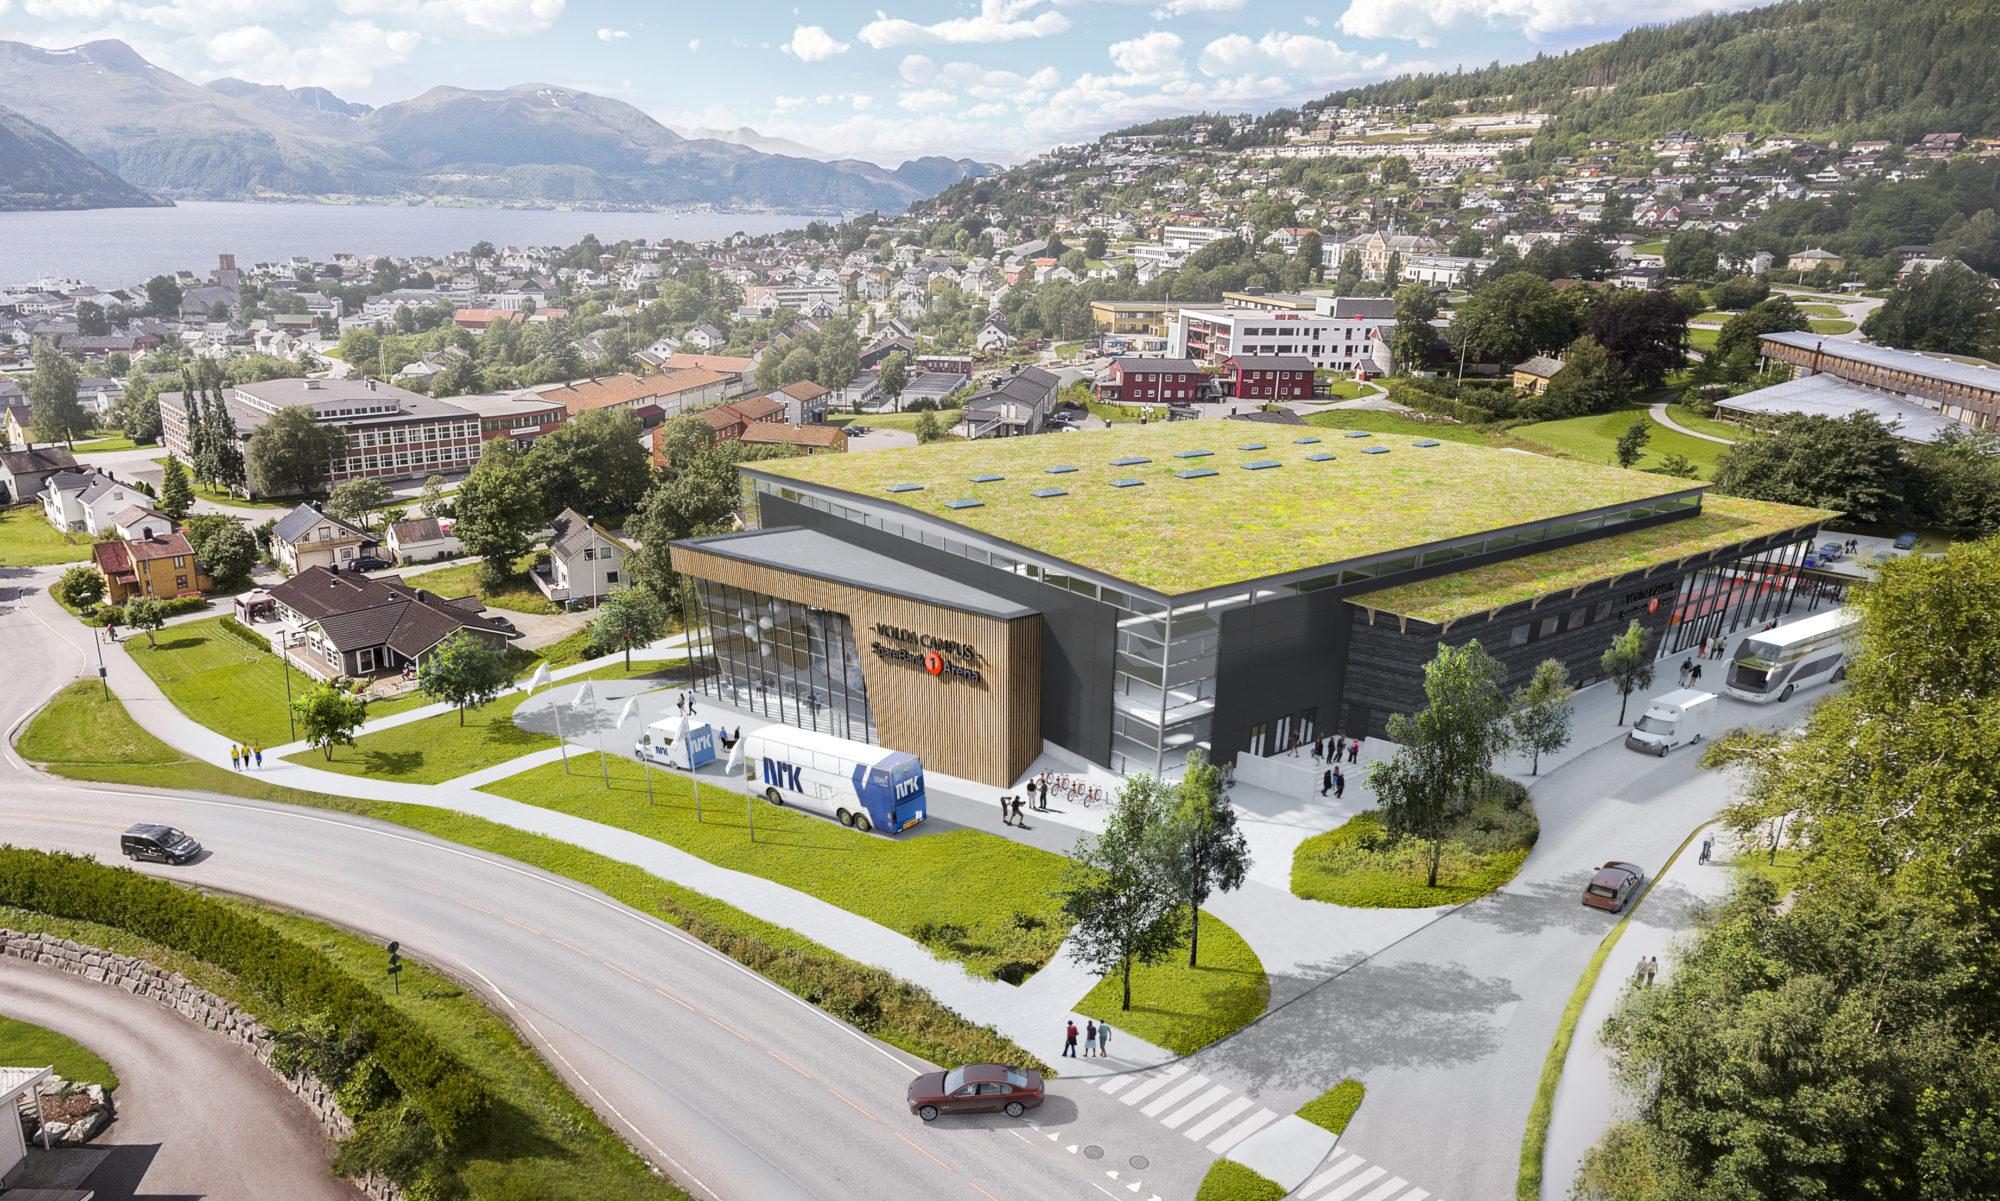 Volda Campus Sparebank1 Arena